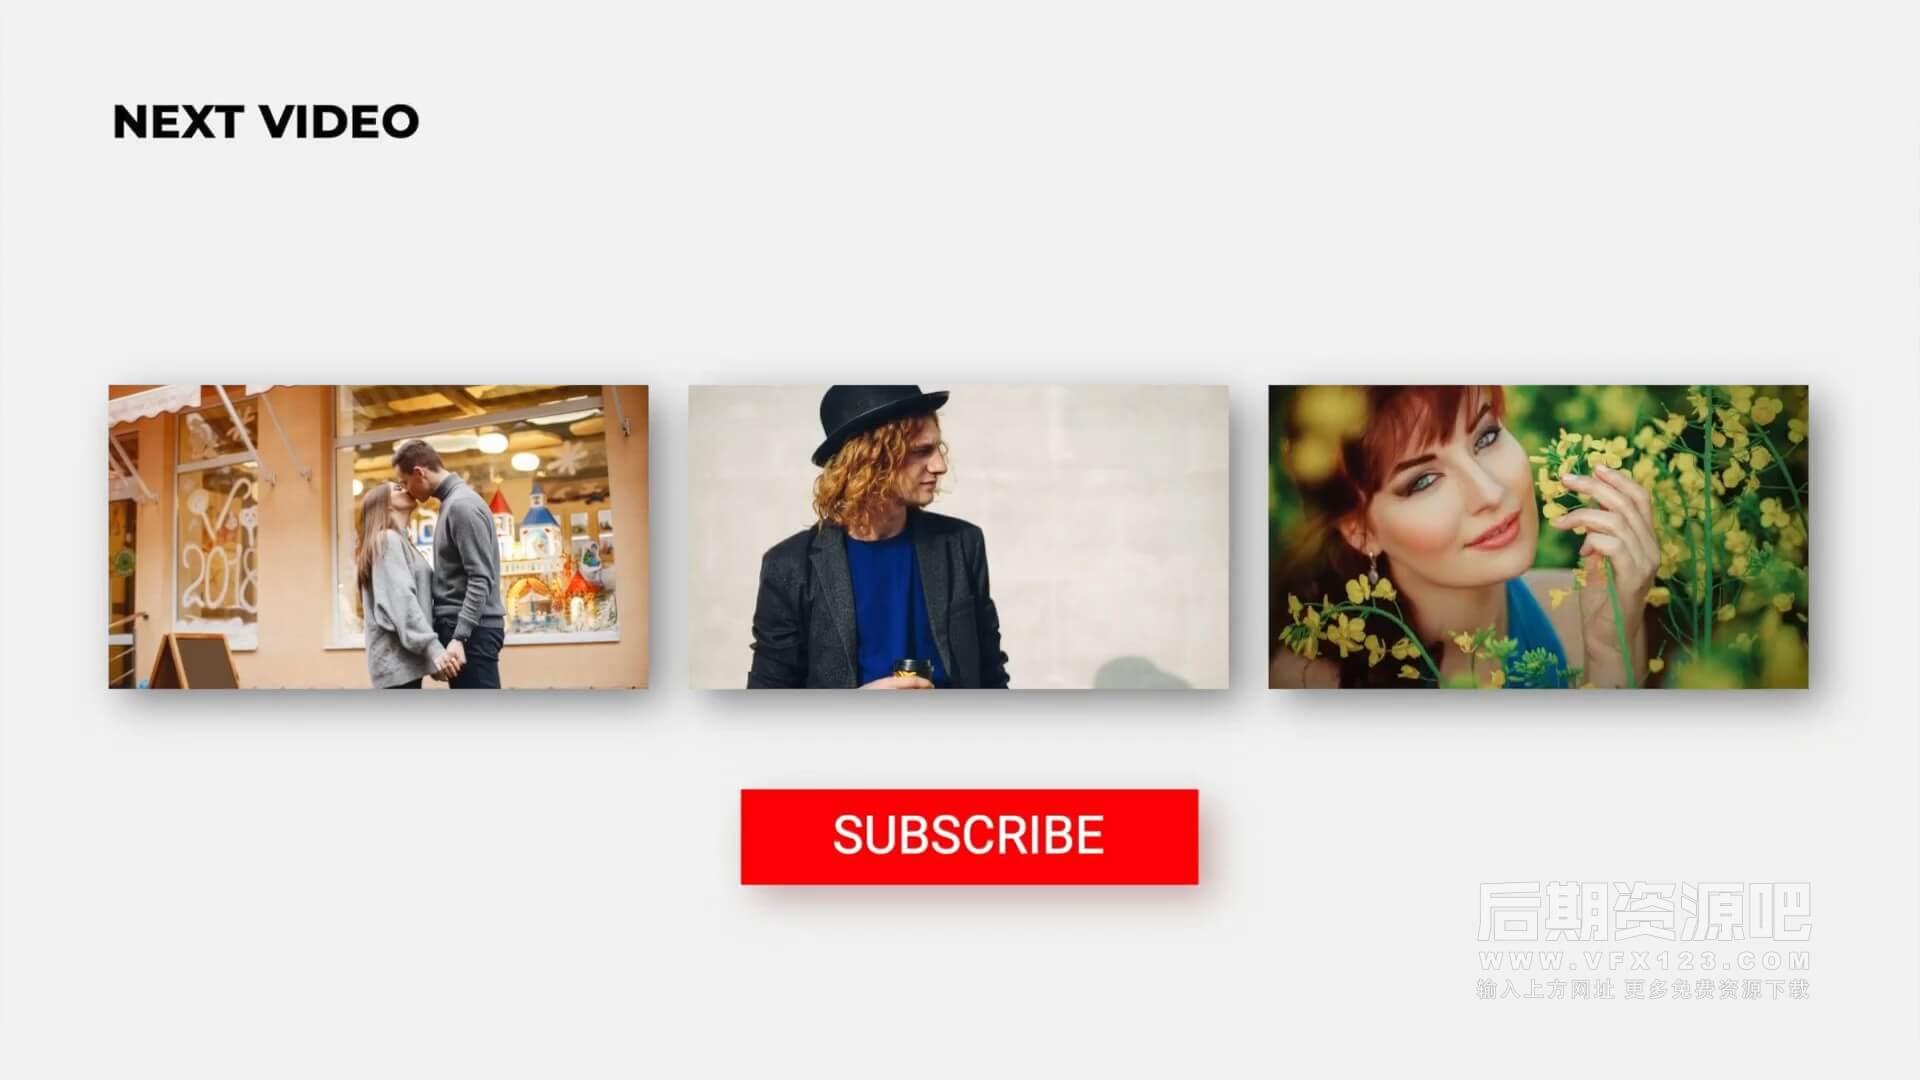 fcpx插件 自媒体短视频博主影片制作工具包 第三季 标题+转场+预告